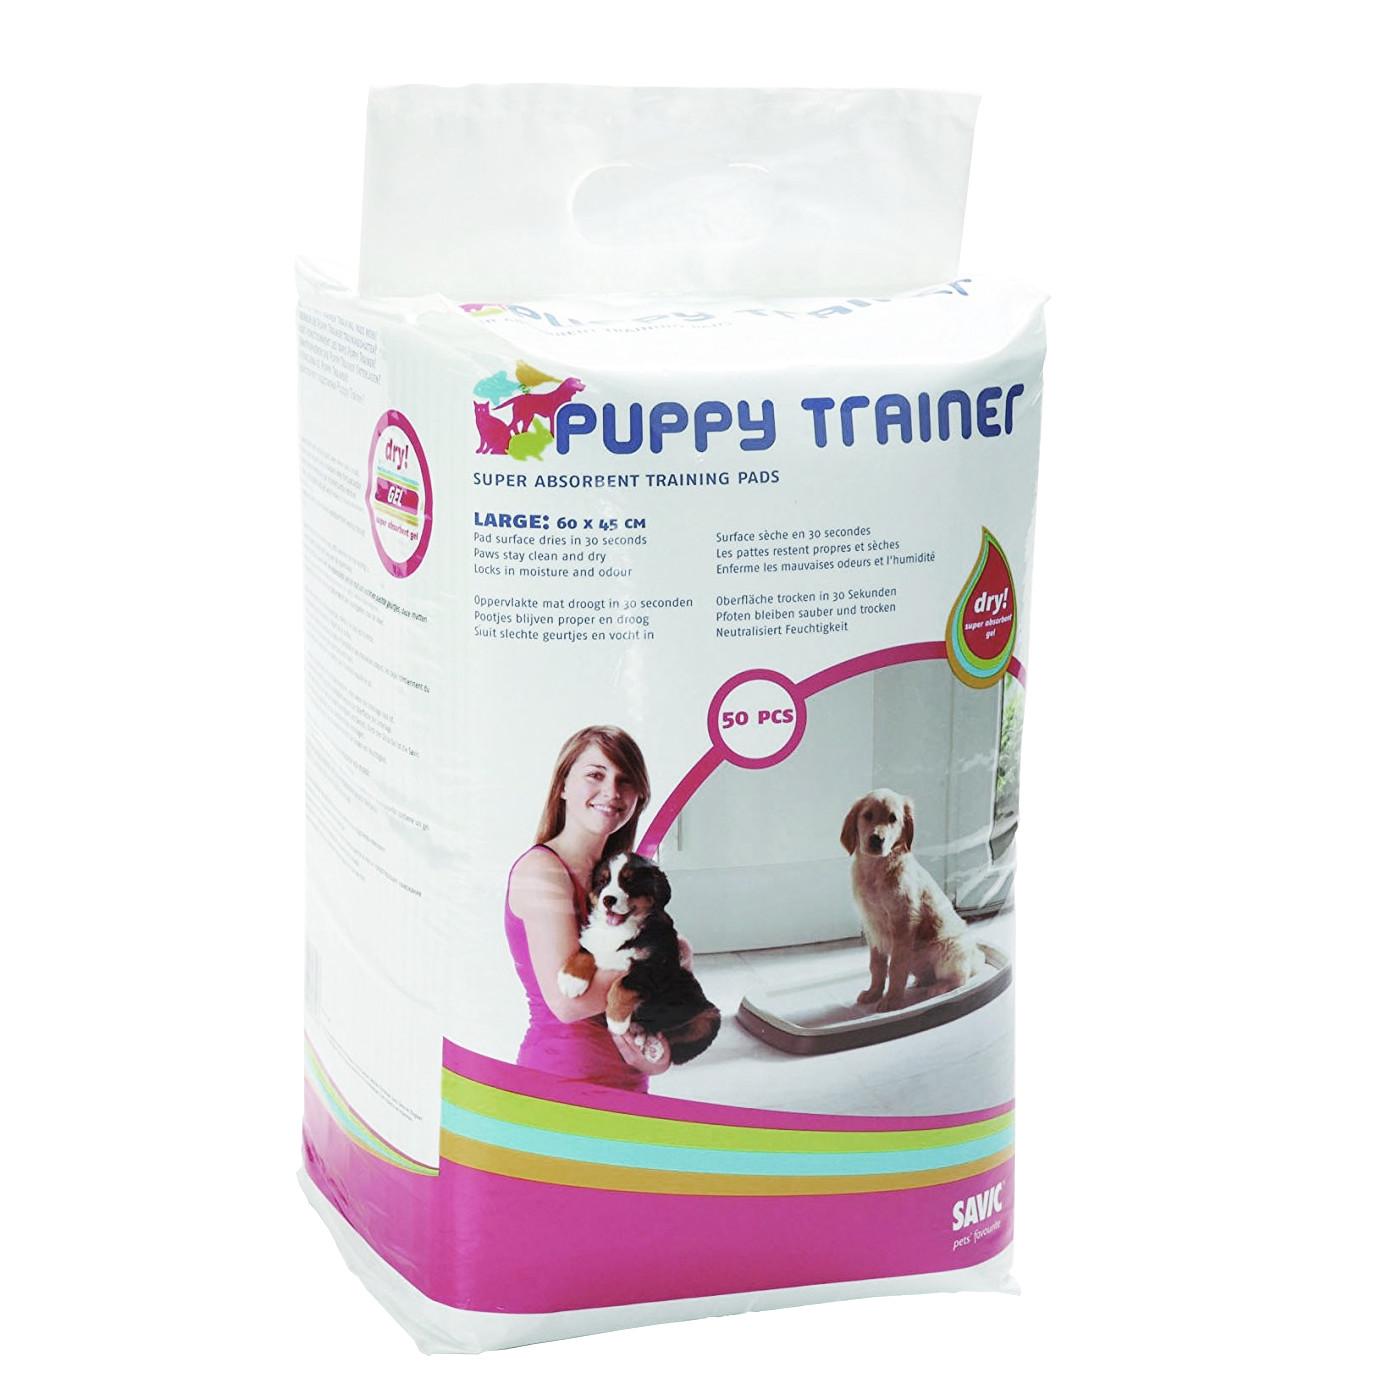 Savic Puppy trainer náhradní podložky, 60x45 cm